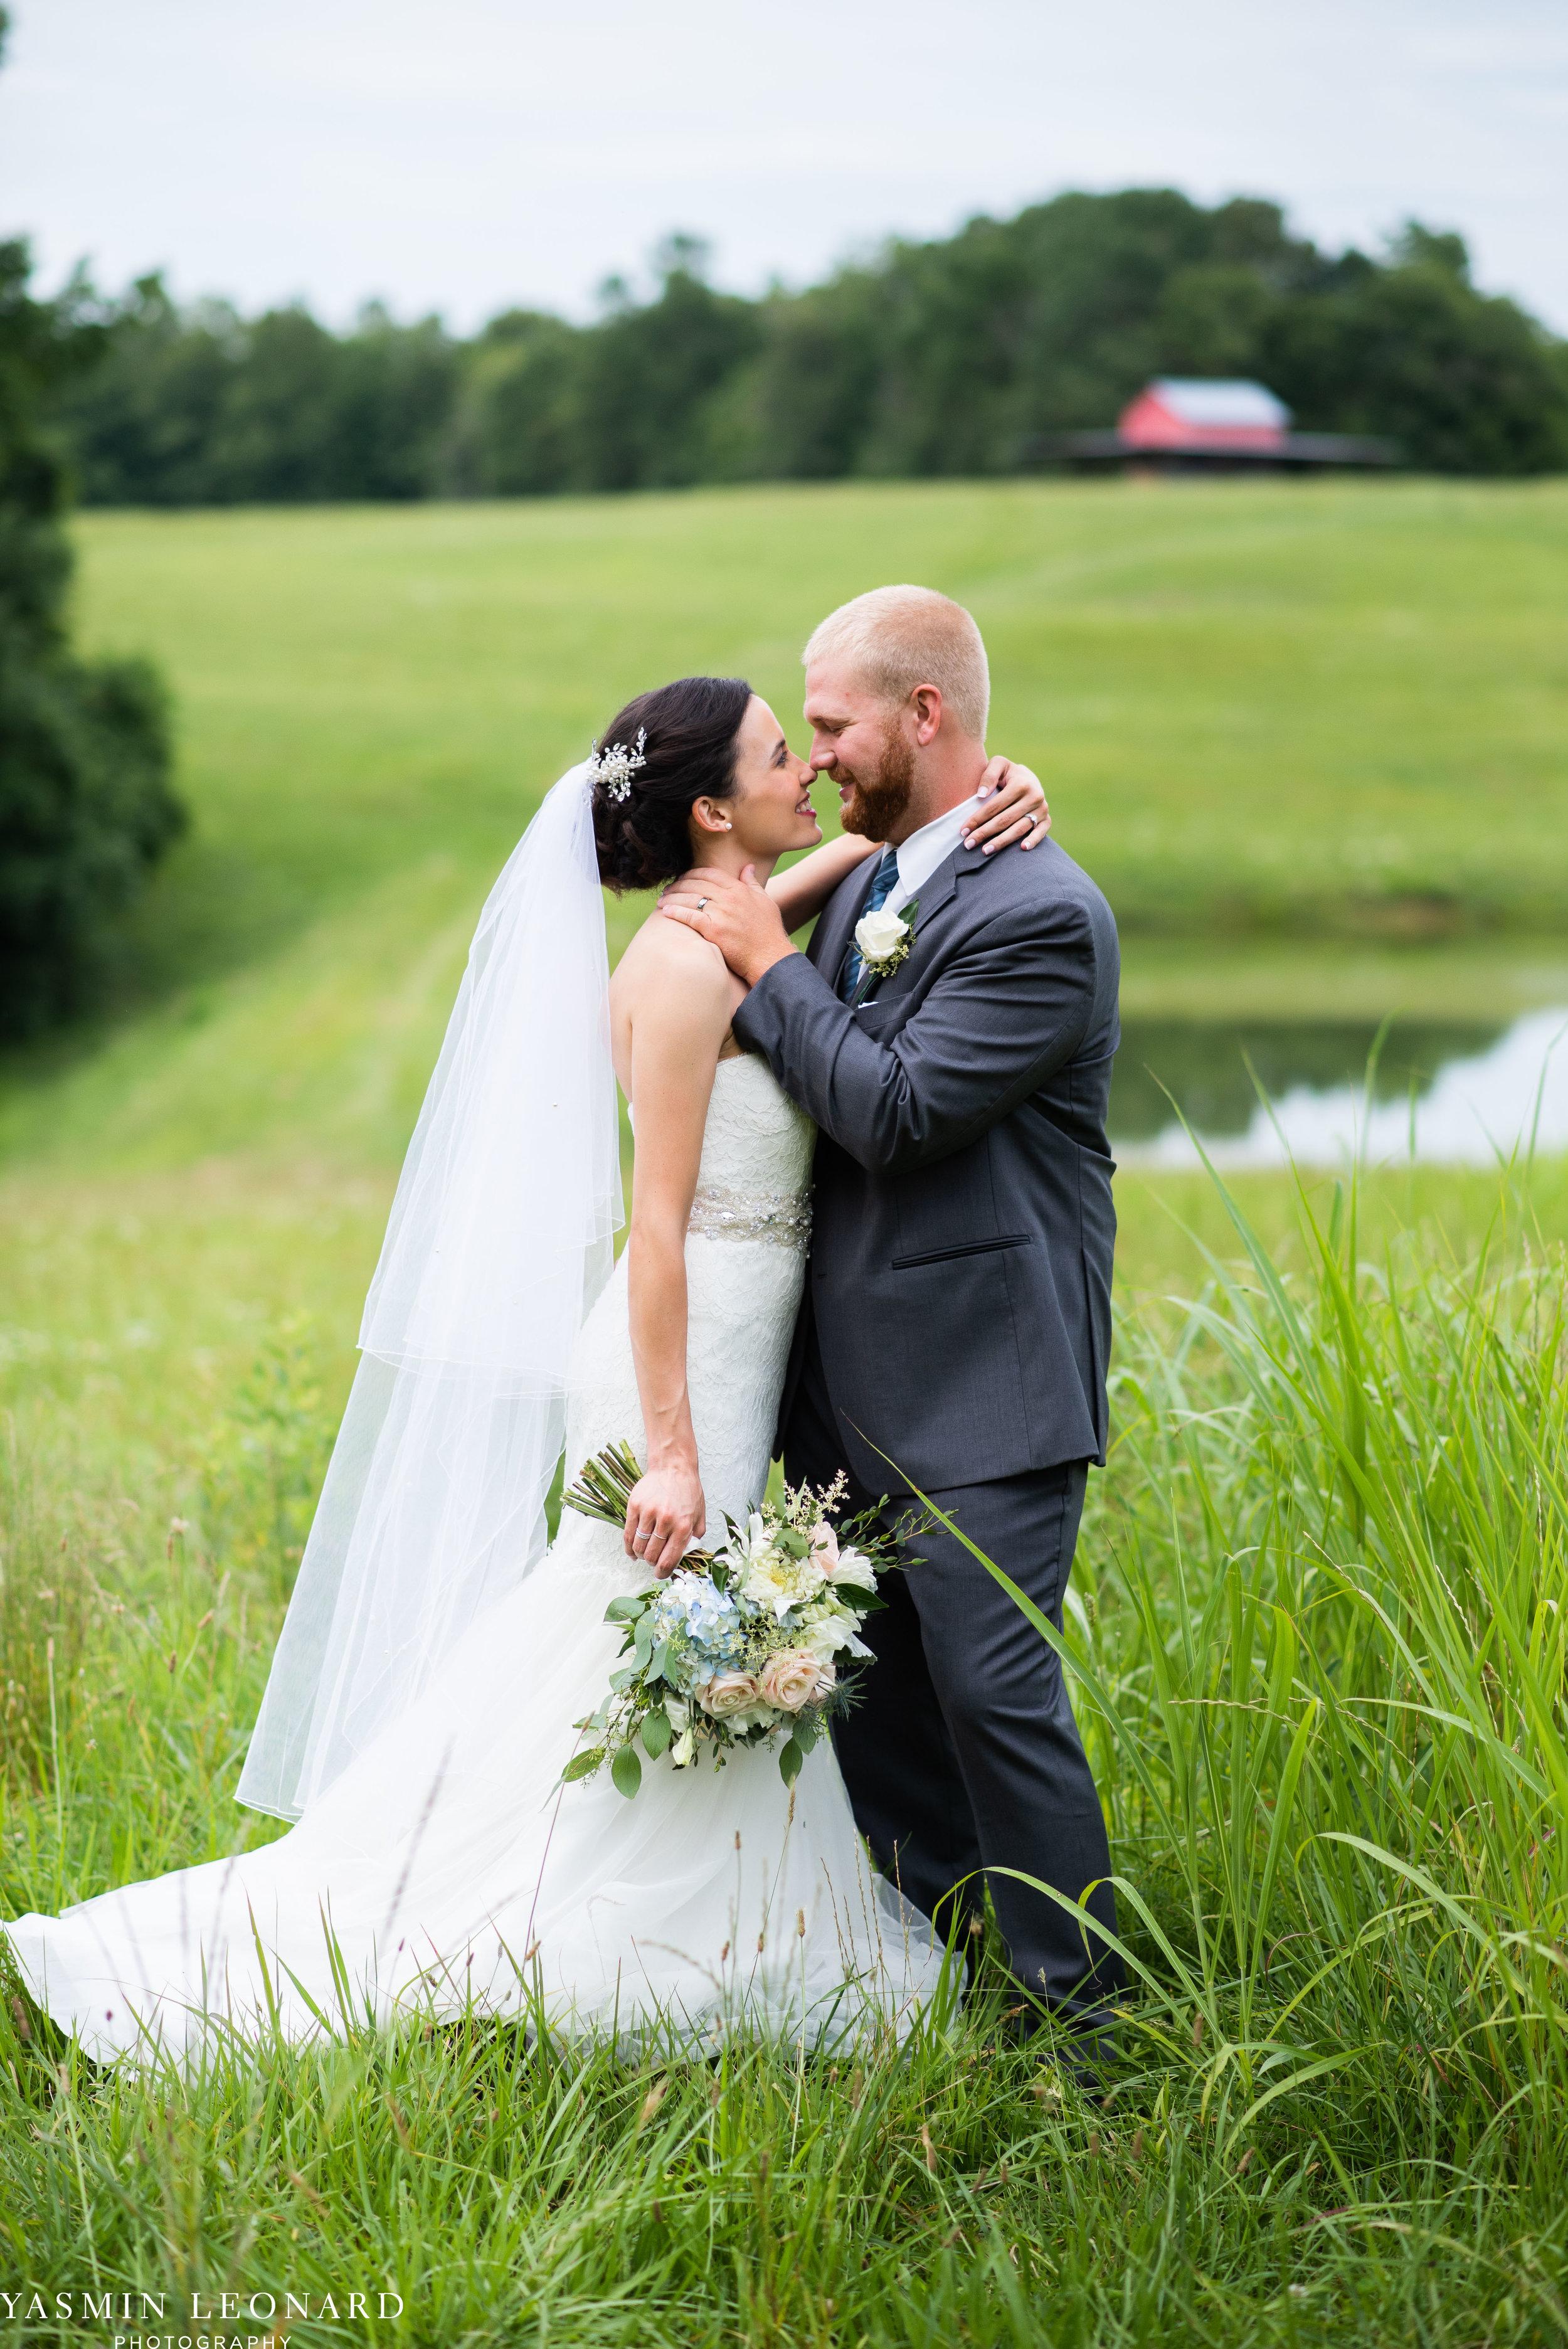 Mt. Pleasant Church - Church Wedding - Traditional Wedding - Church Ceremony - Country Wedding - Godly Wedding - NC Wedding Photographer - High Point Weddings - Triad Weddings - NC Venues-36.jpg